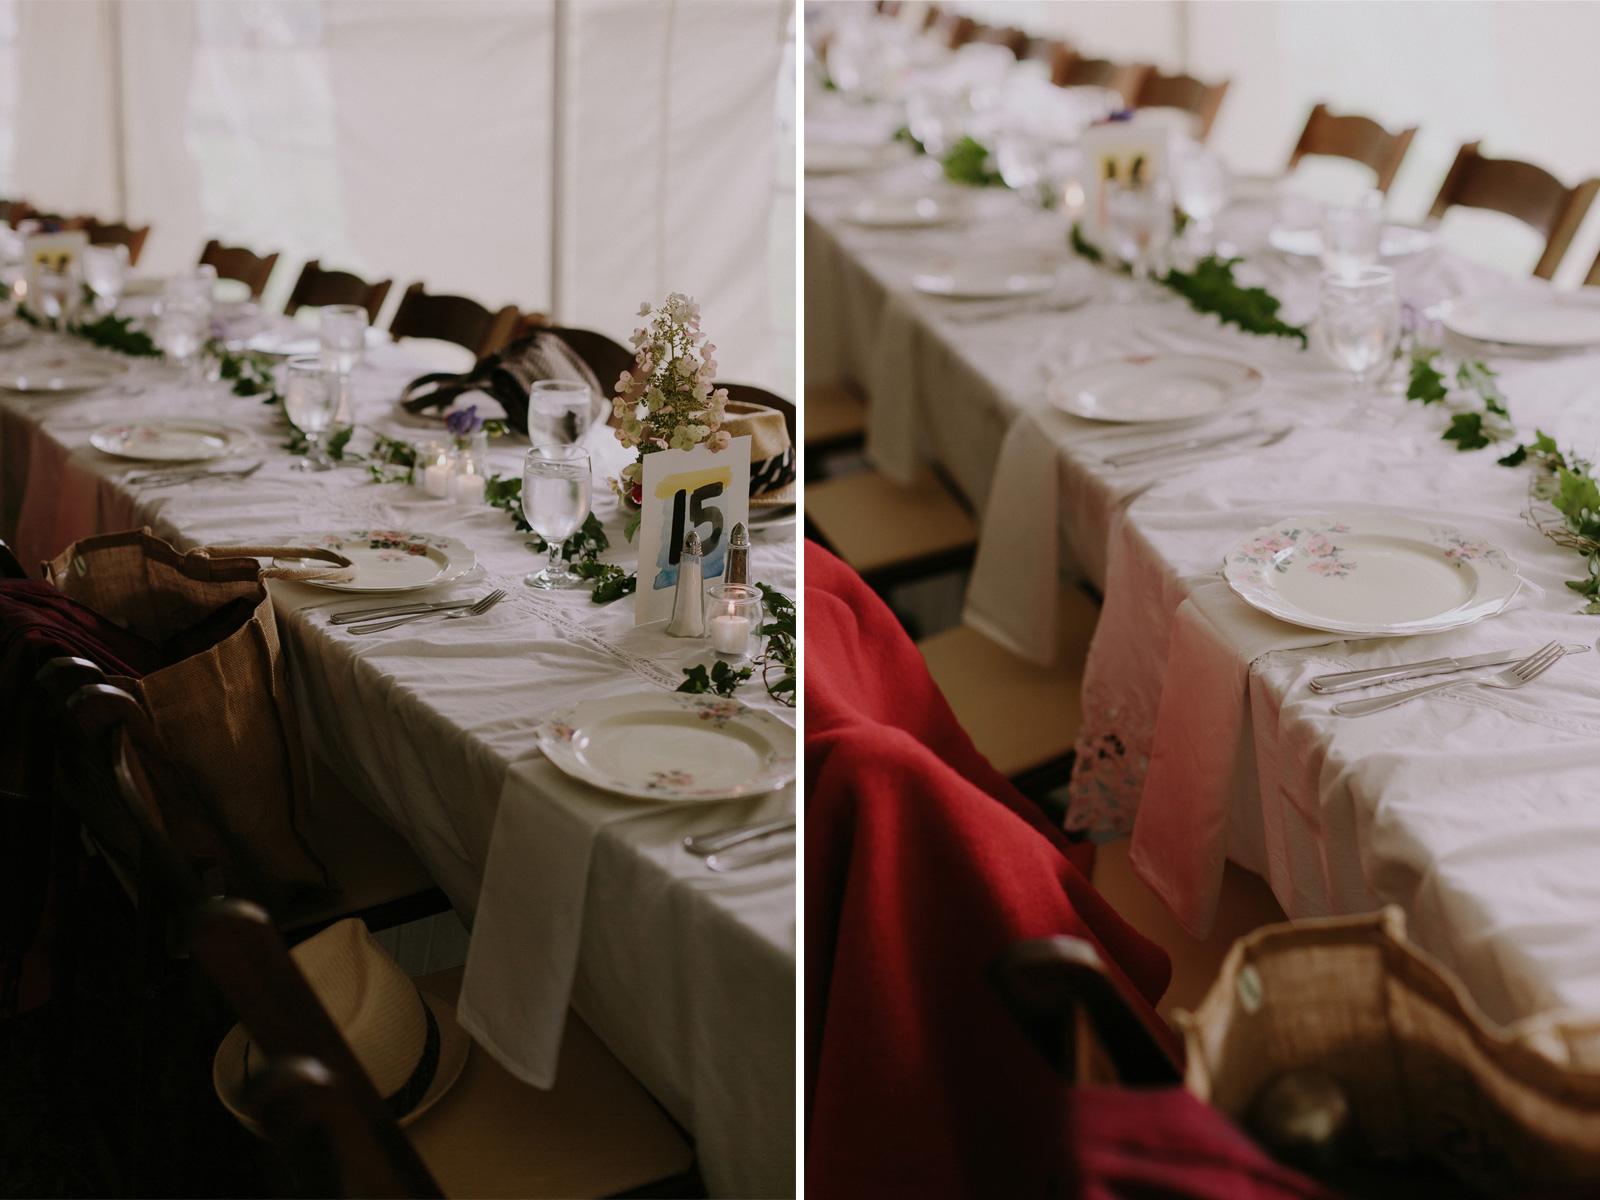 vintage-wedding-plates